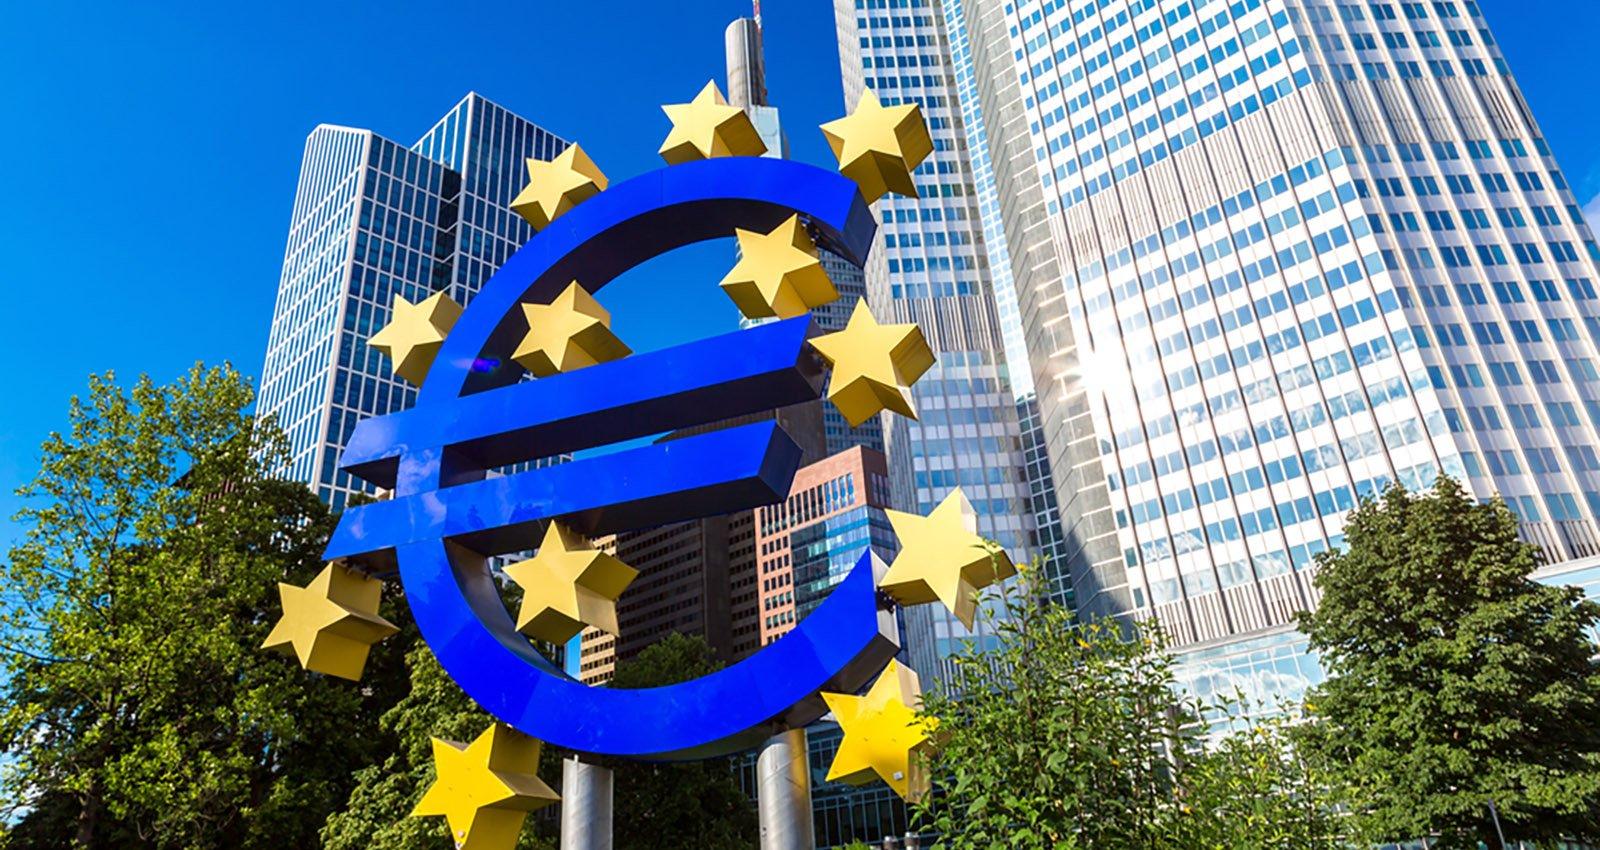 EZB plant Kryptowährung: Projekt für digitalen Euro startet